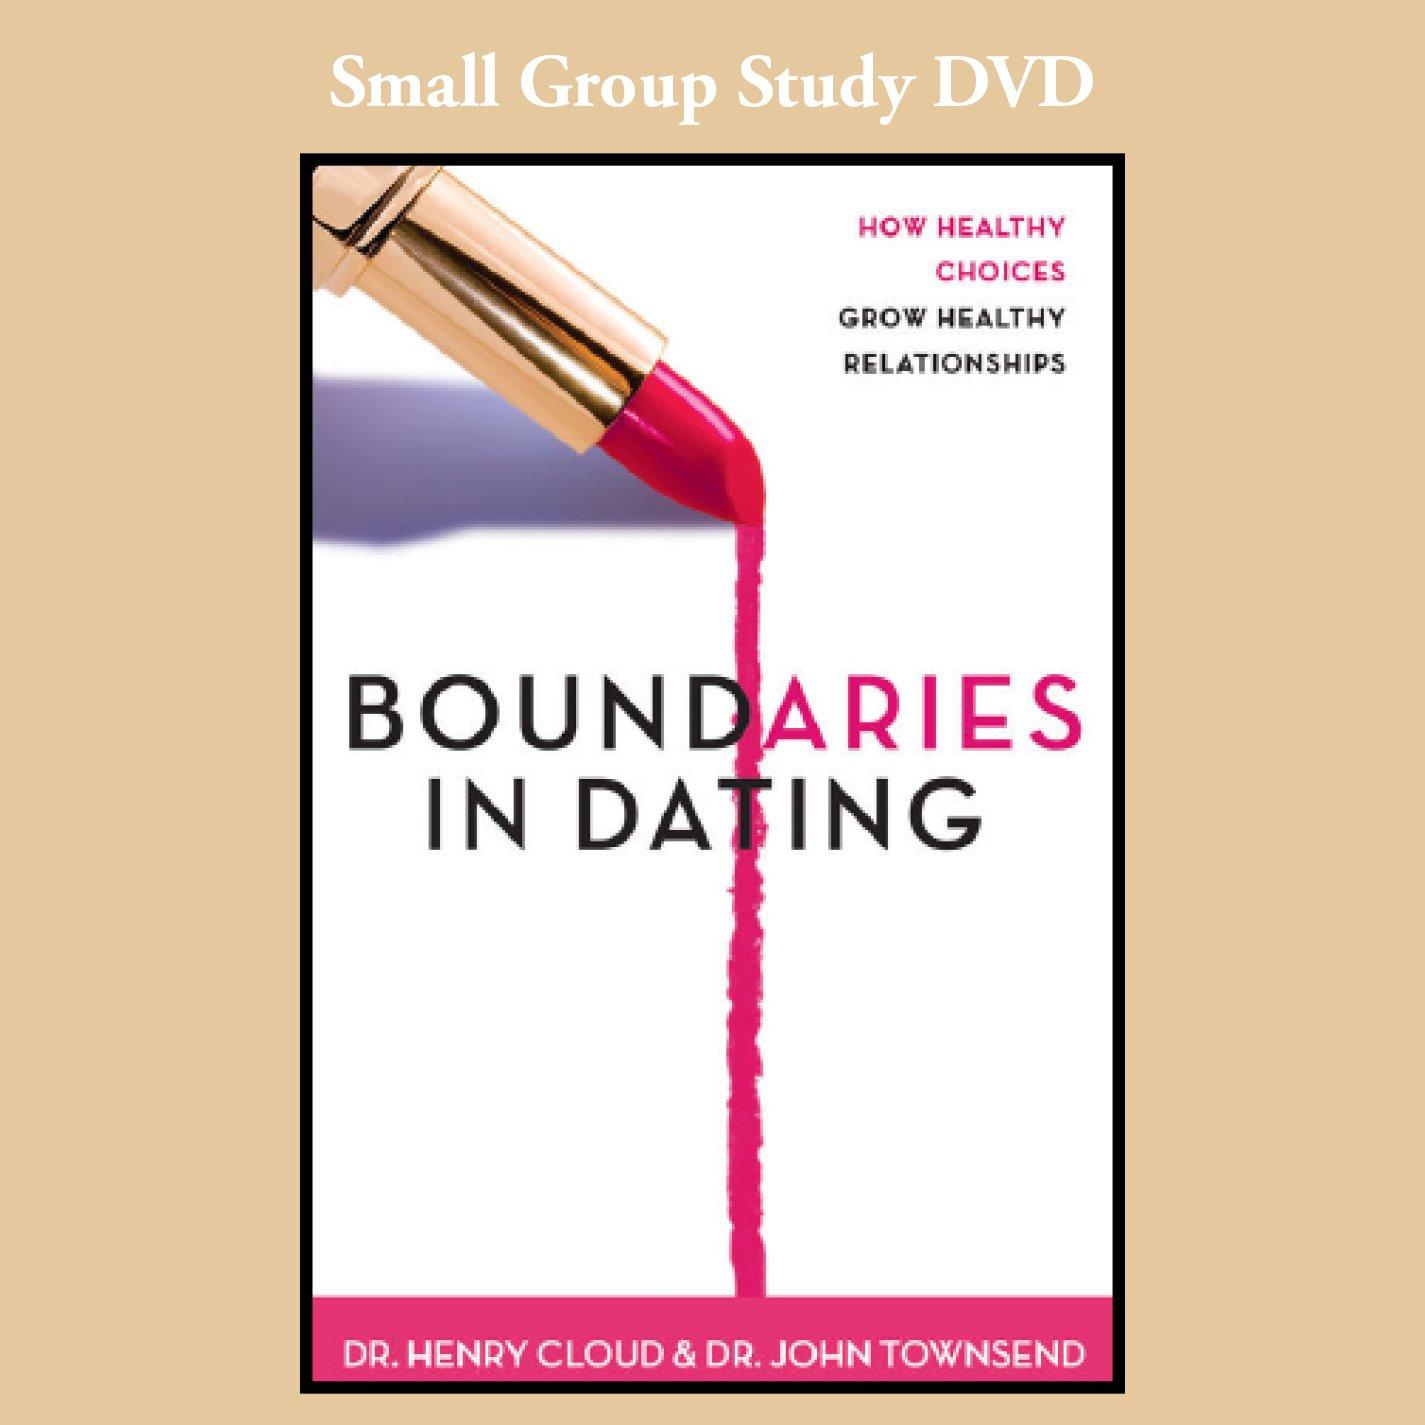 boundaries in dating dvd